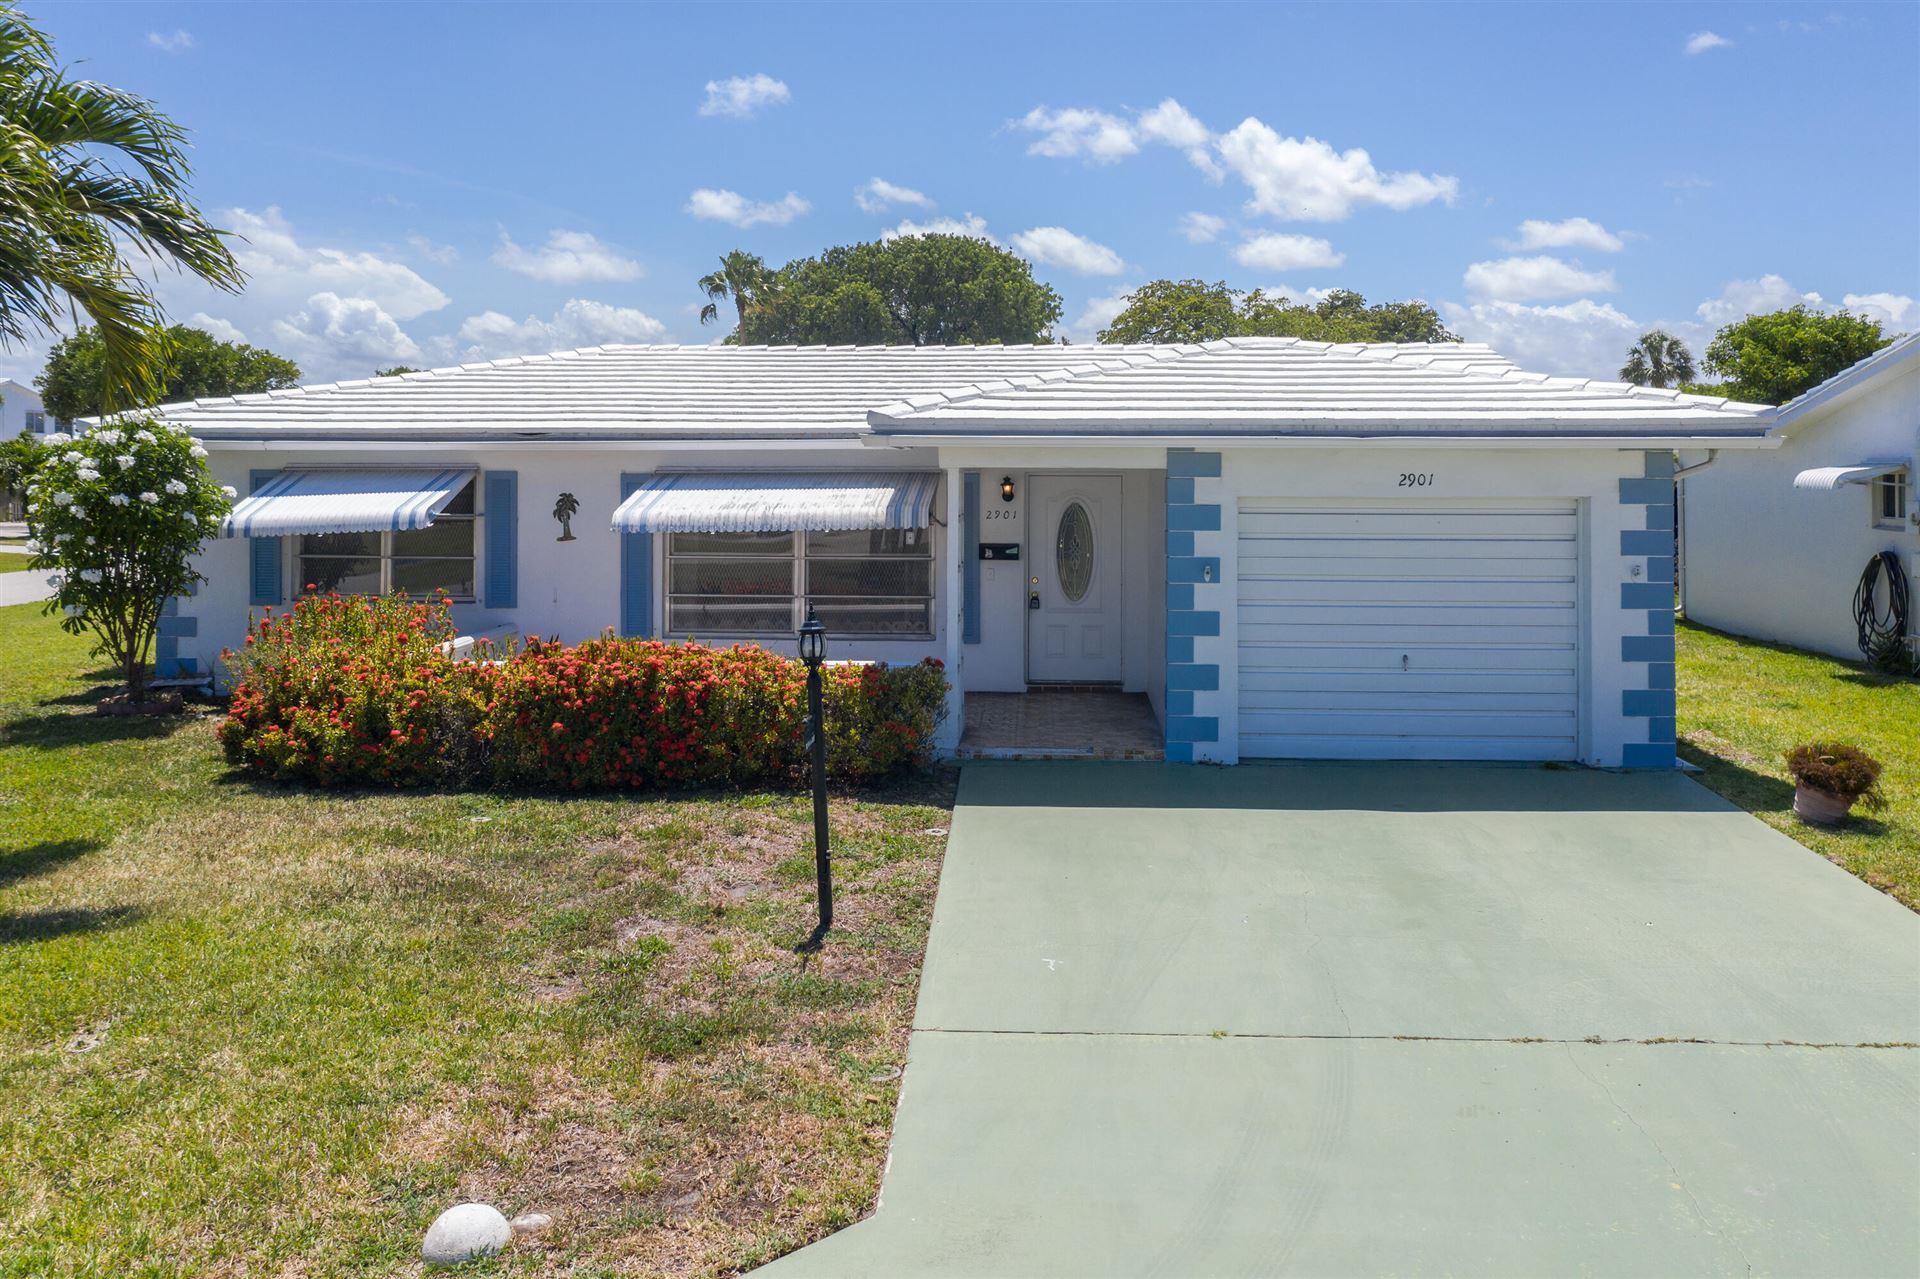 2901 NW 1st Drive, Pompano Beach, FL 33064 - MLS#: RX-10723624